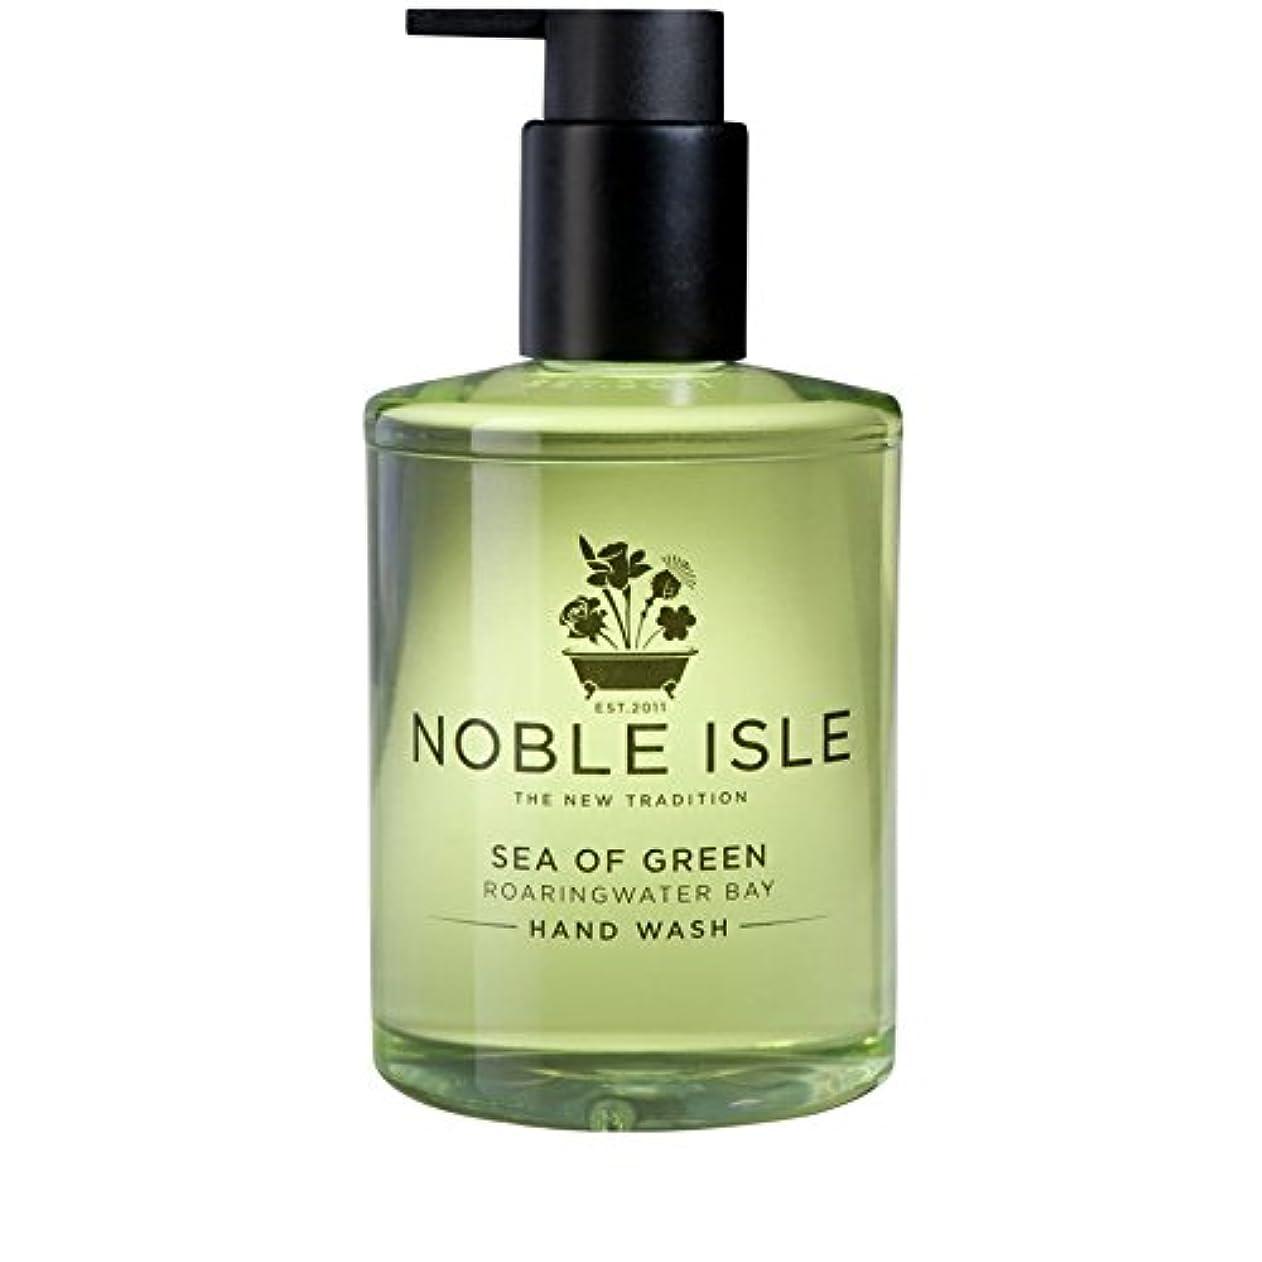 食欲潜む端緑ベイハンドウォッシュ250ミリリットルの高貴な島の海 x4 - Noble Isle Sea of Green Roaringwater Bay Hand Wash 250ml (Pack of 4) [並行輸入品]